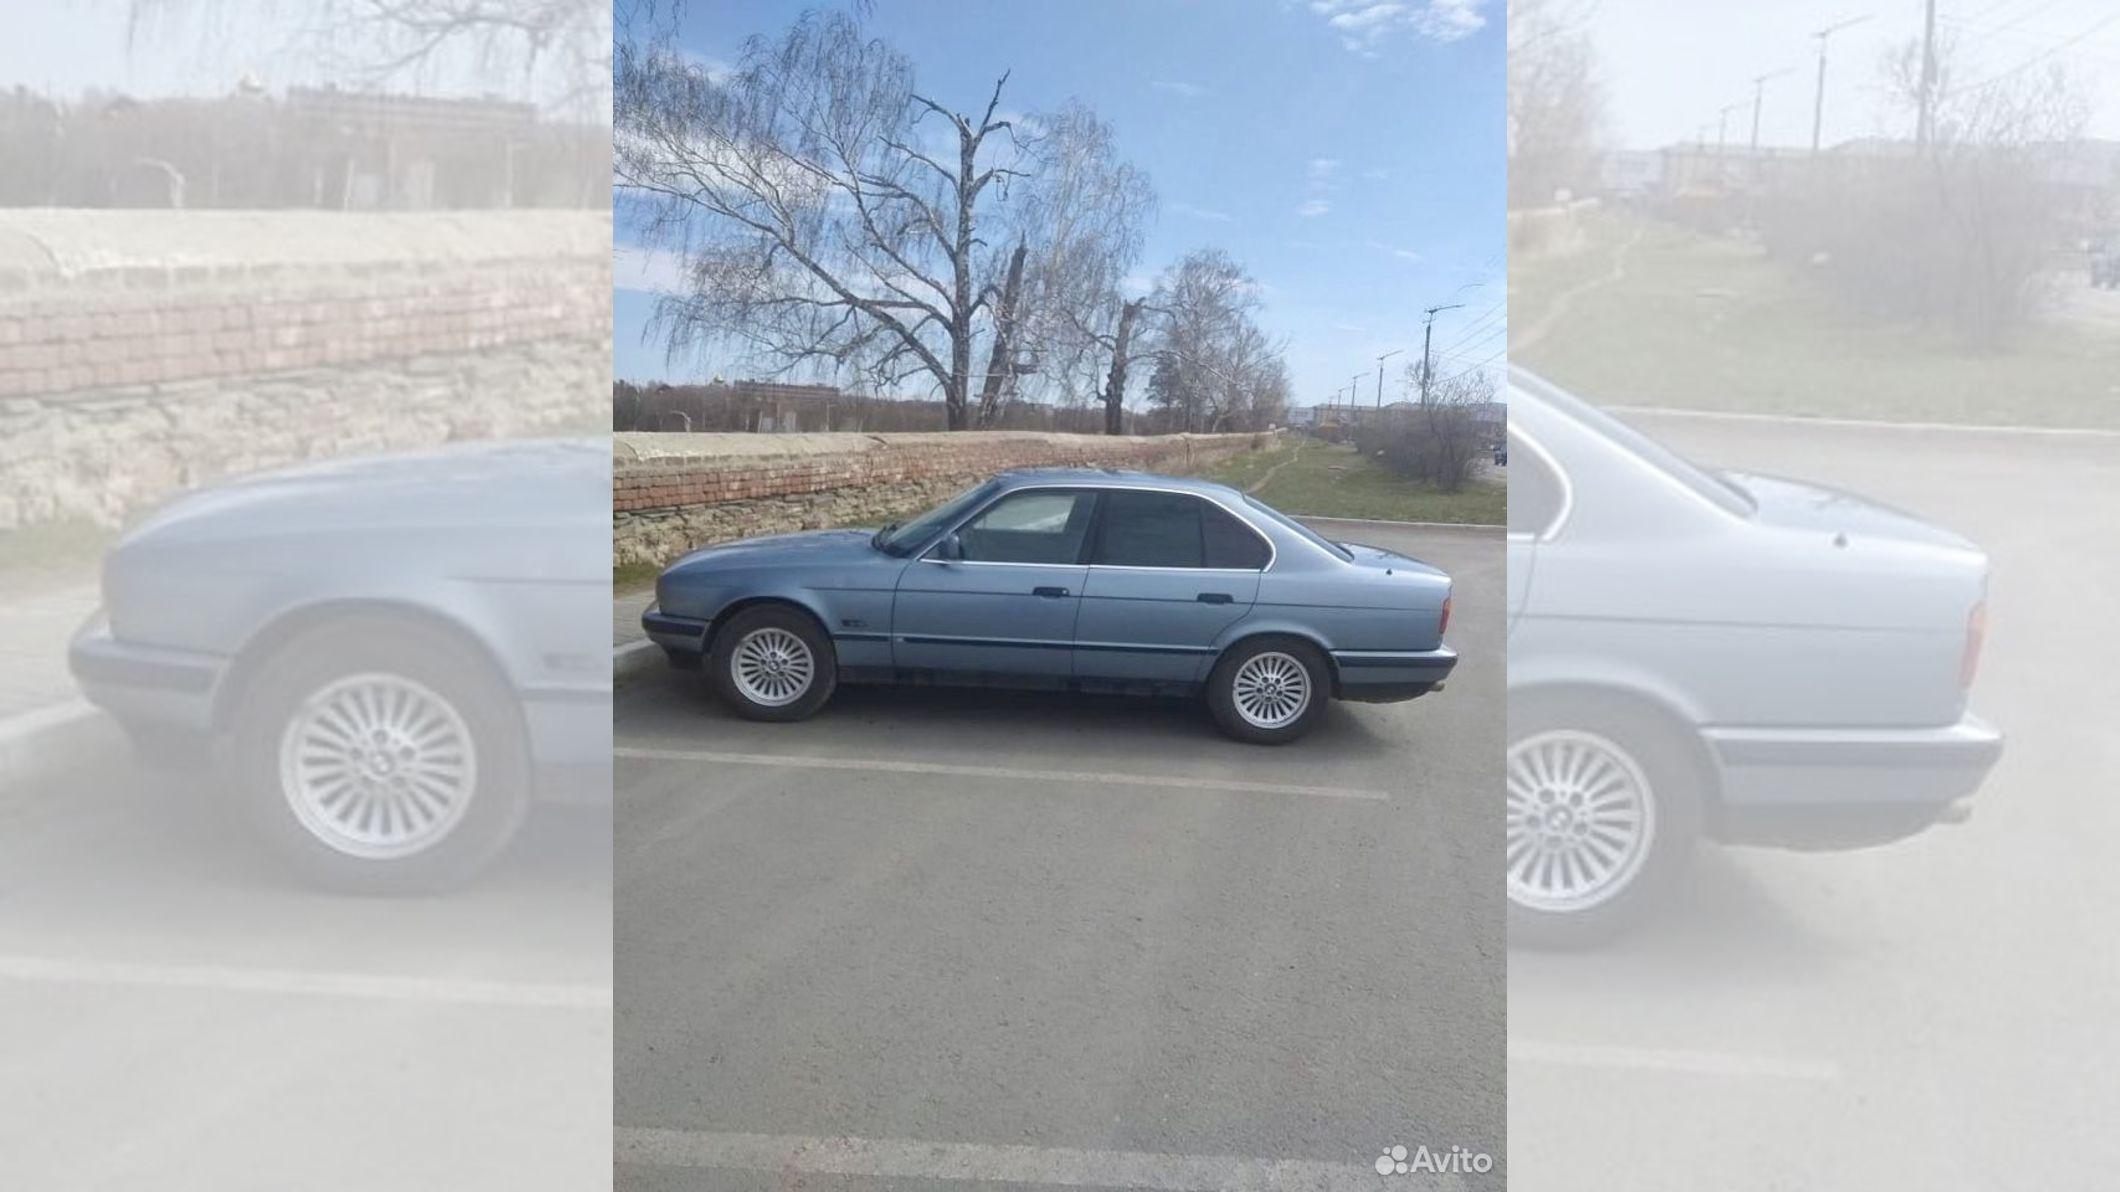 BMW 5 серия, 1992 купить в Челябинской области | Автомобили | Авито